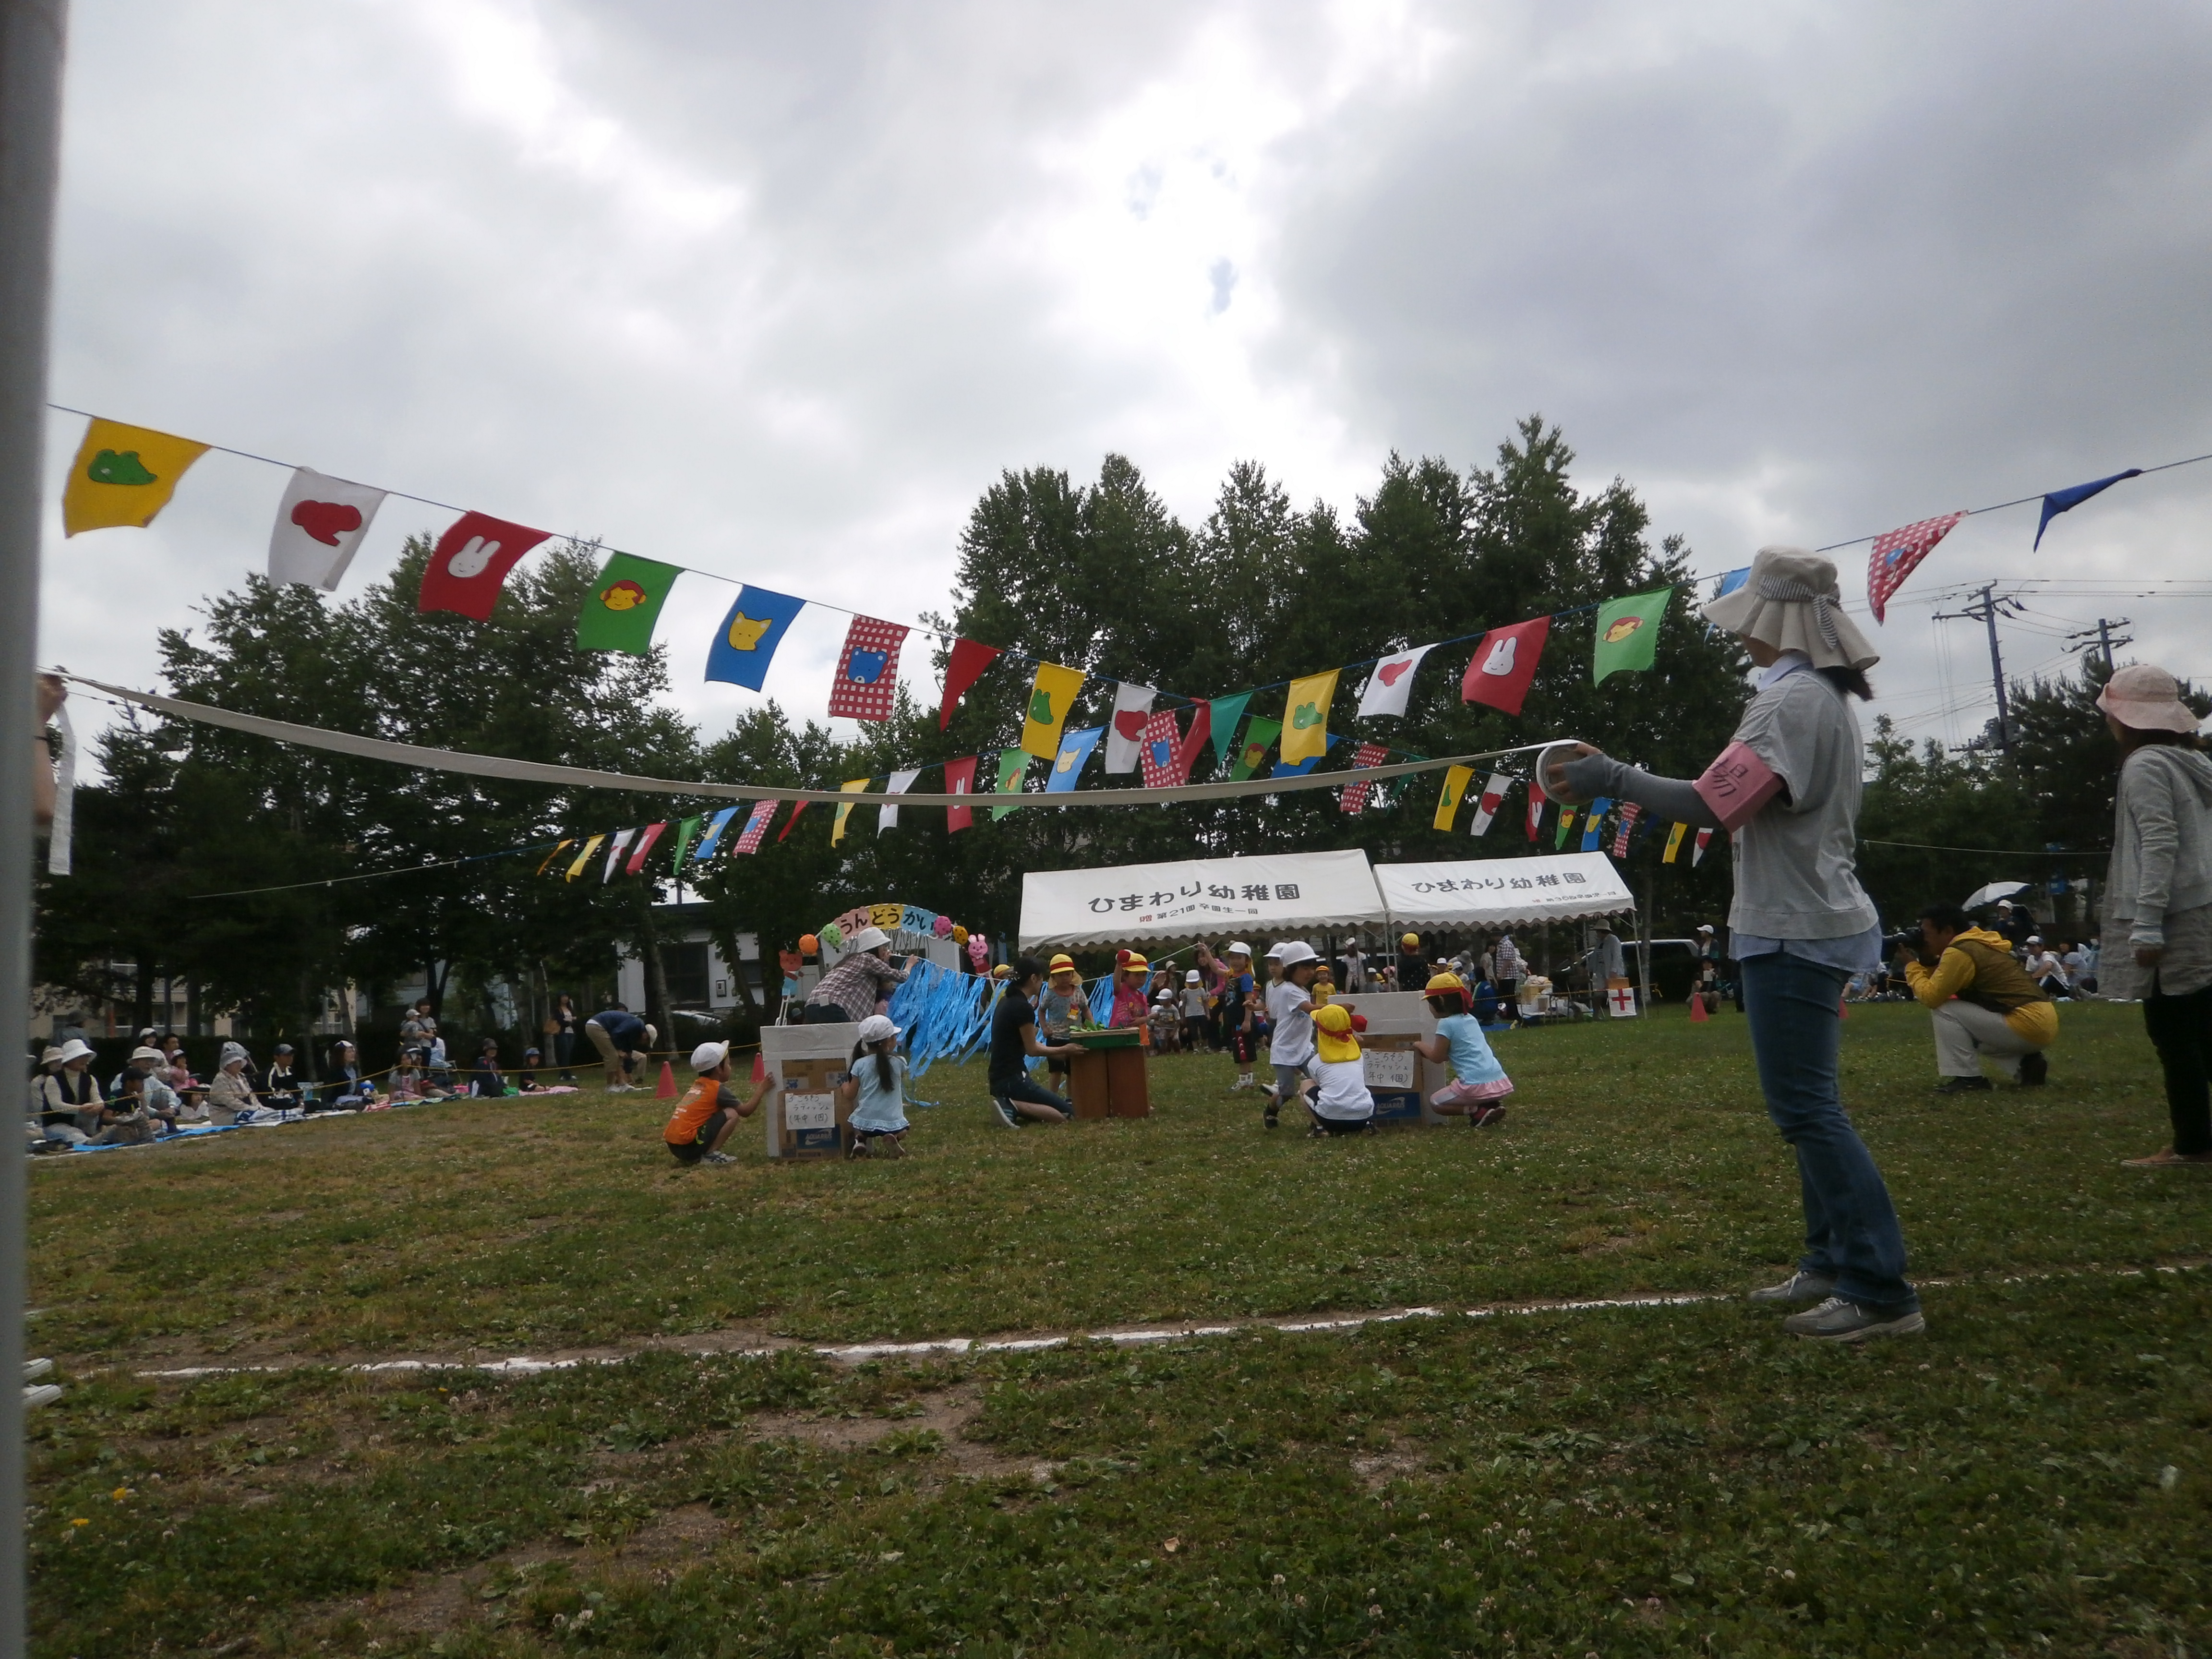 学校法人北海道キリスト教学園 認定こども園 ひまわり幼稚園 画像4